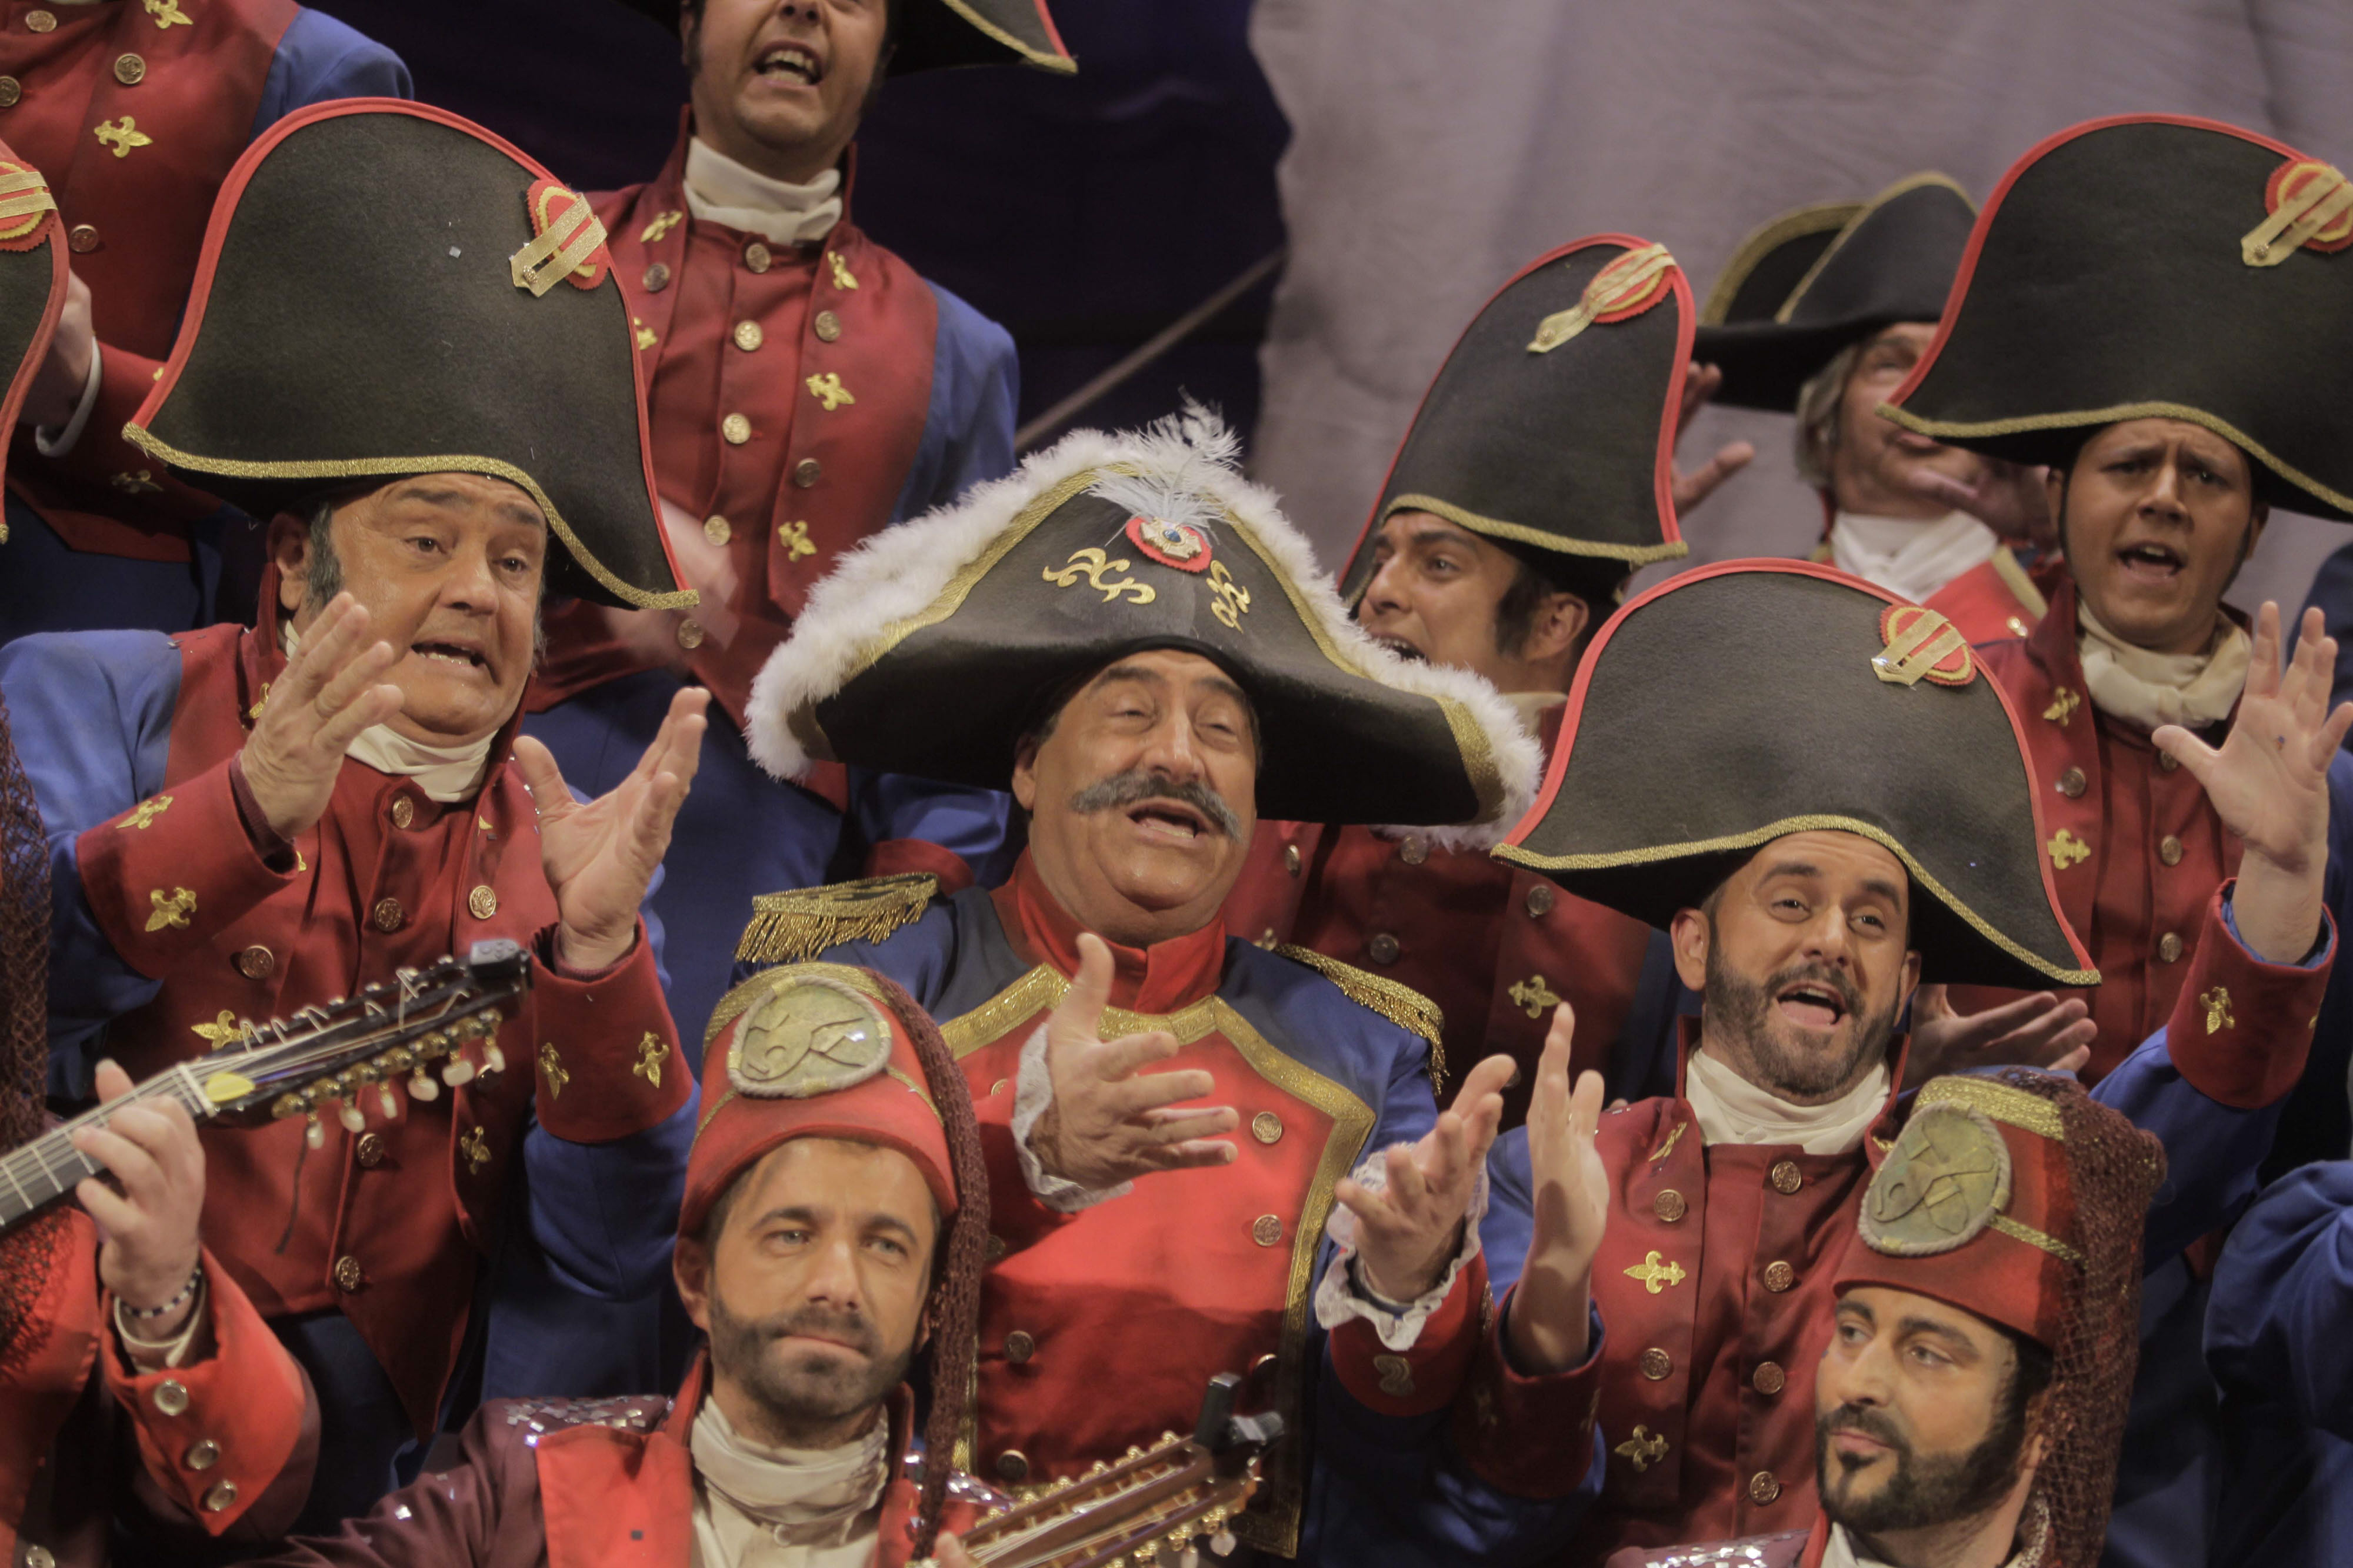 El coro de Faly Pastrana será 'El Pópulo' en el Carnaval 2016